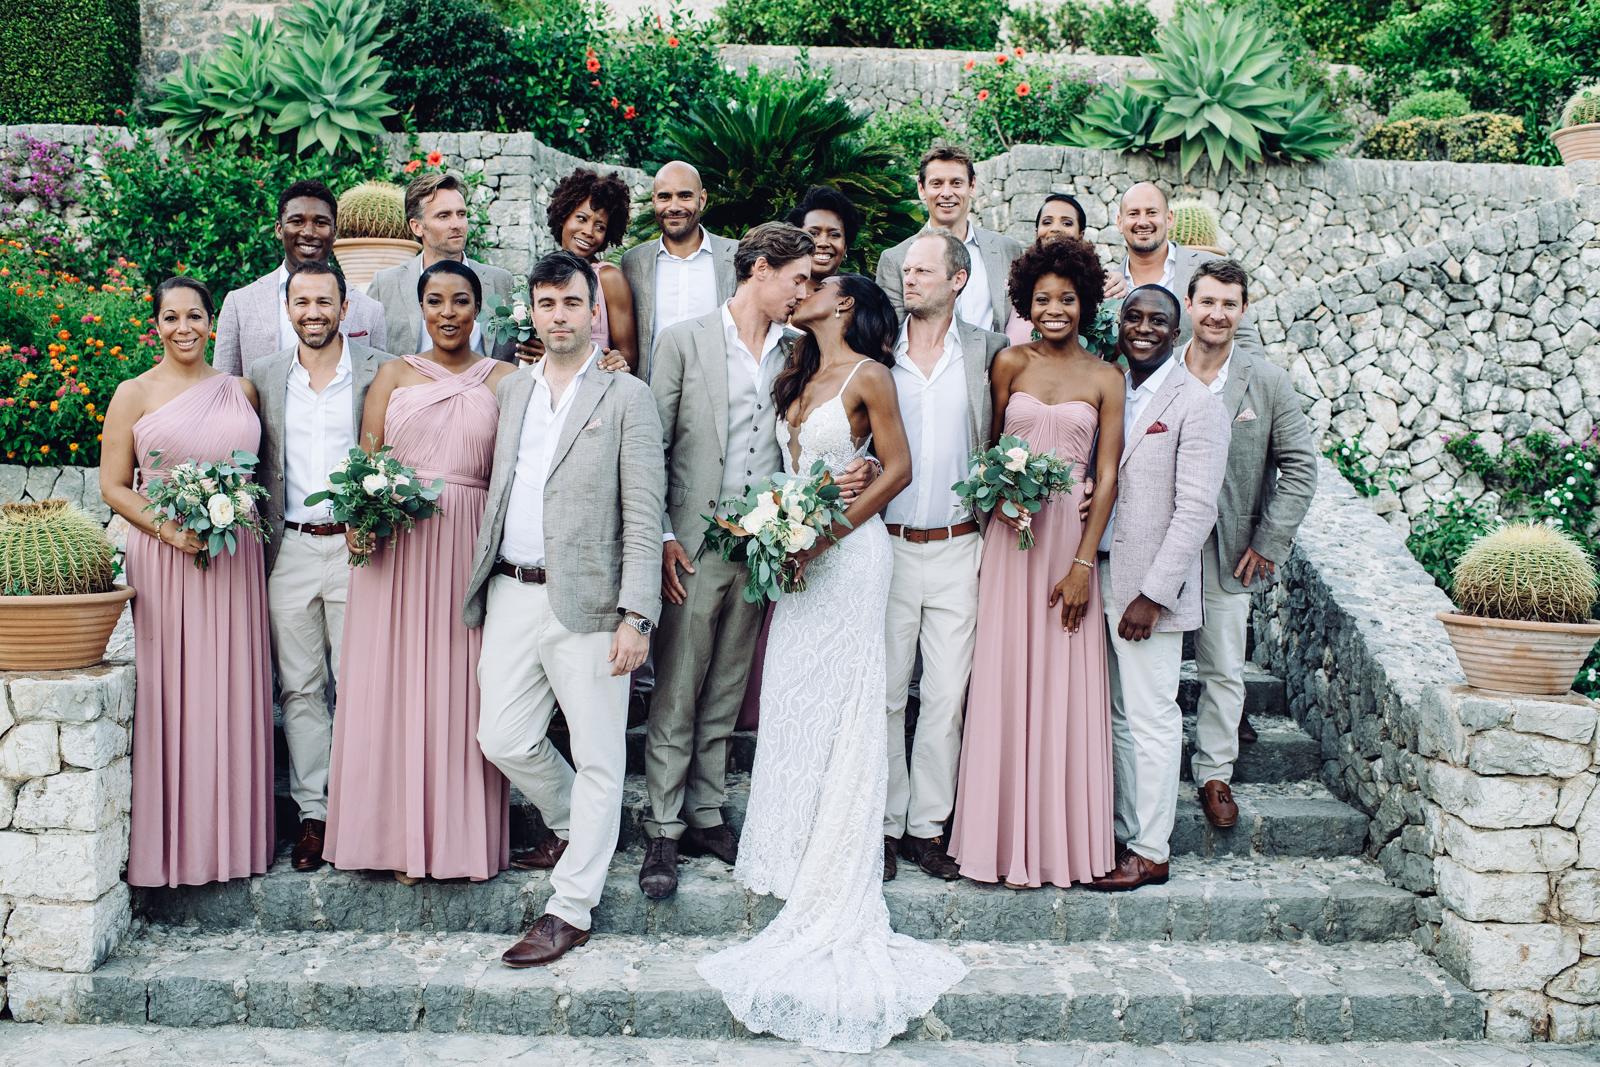 Avion y Pete, la boda que unió Trinidad, Inglaterra y Mallorca / Avion and Pete, the wedding thatbring togetherTrinidad, England and